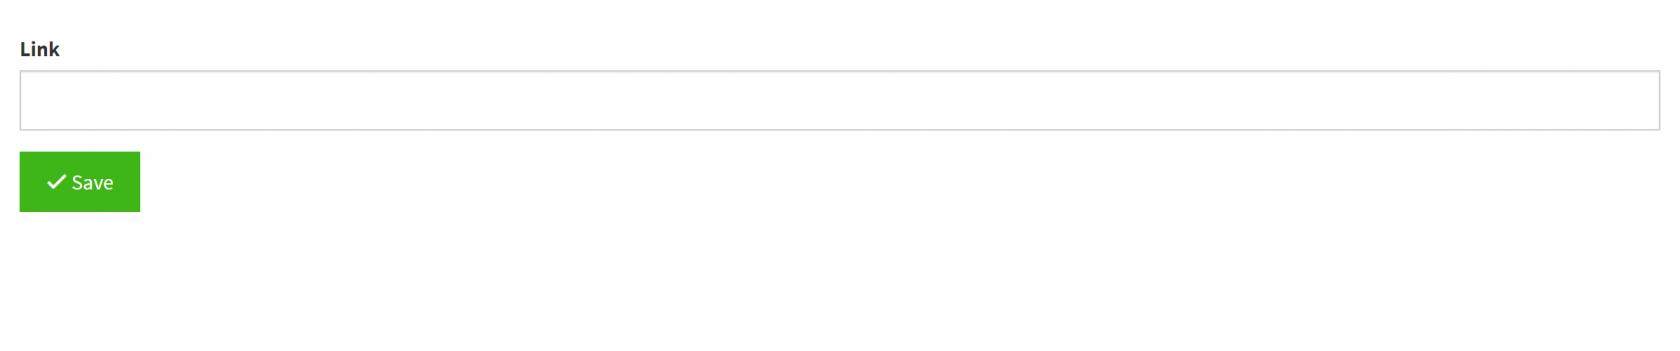 link-no-default-form-value.png